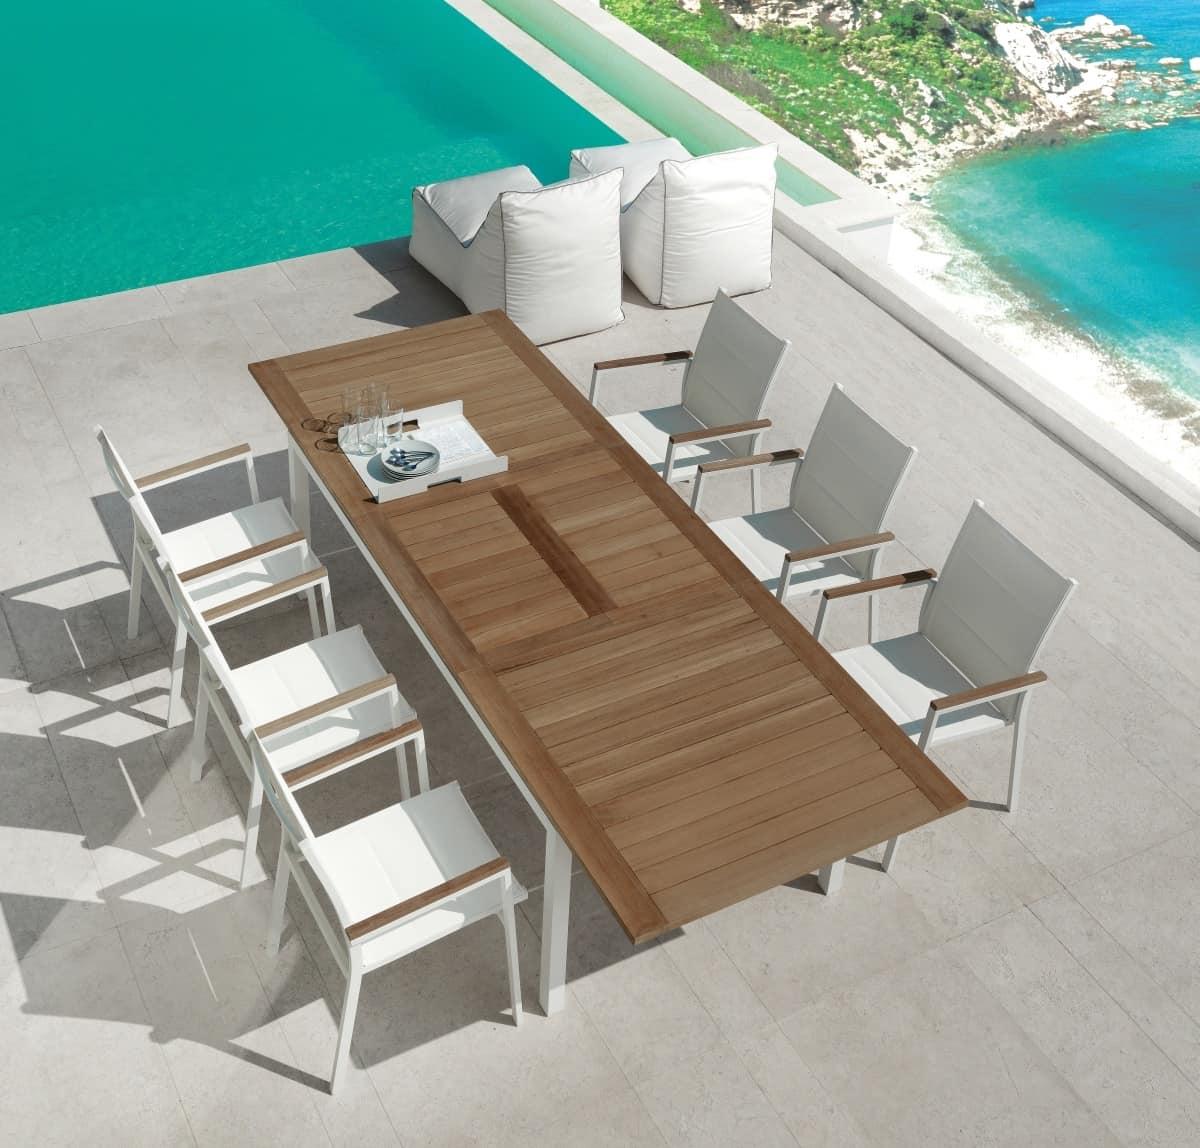 ausziehbarer esstisch f r den au enbereich idfdesign. Black Bedroom Furniture Sets. Home Design Ideas